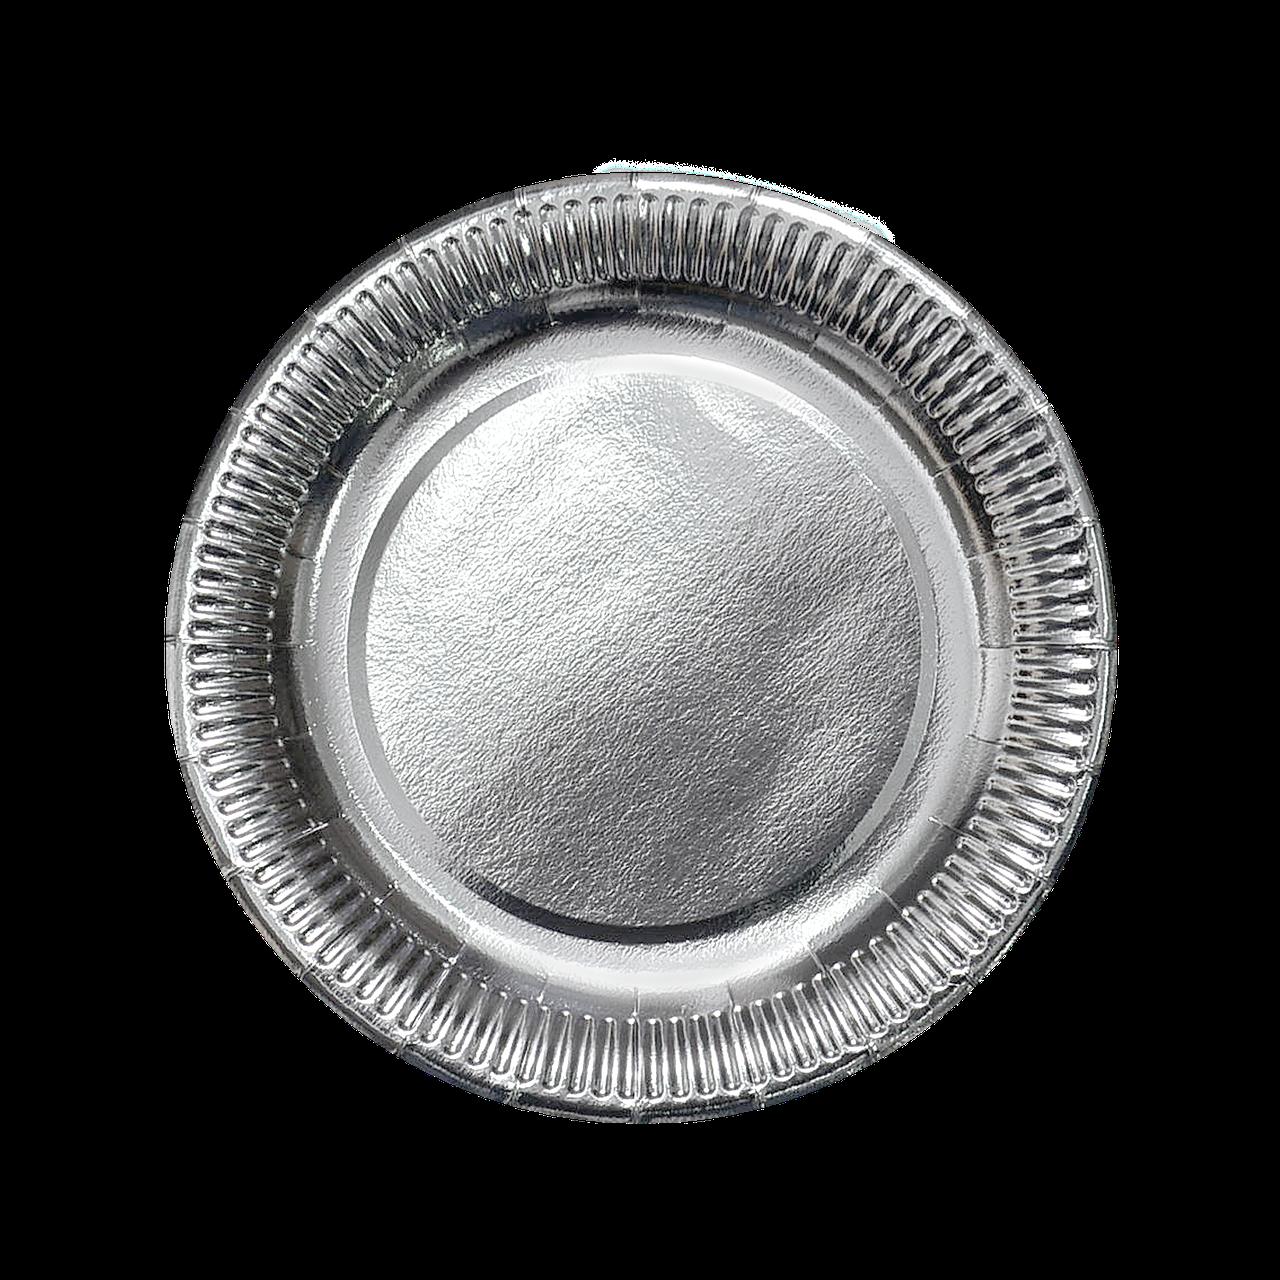 Тарелка картонная Серебро ХТ18 100шт/уп (1ящ/10уп/1000шт)